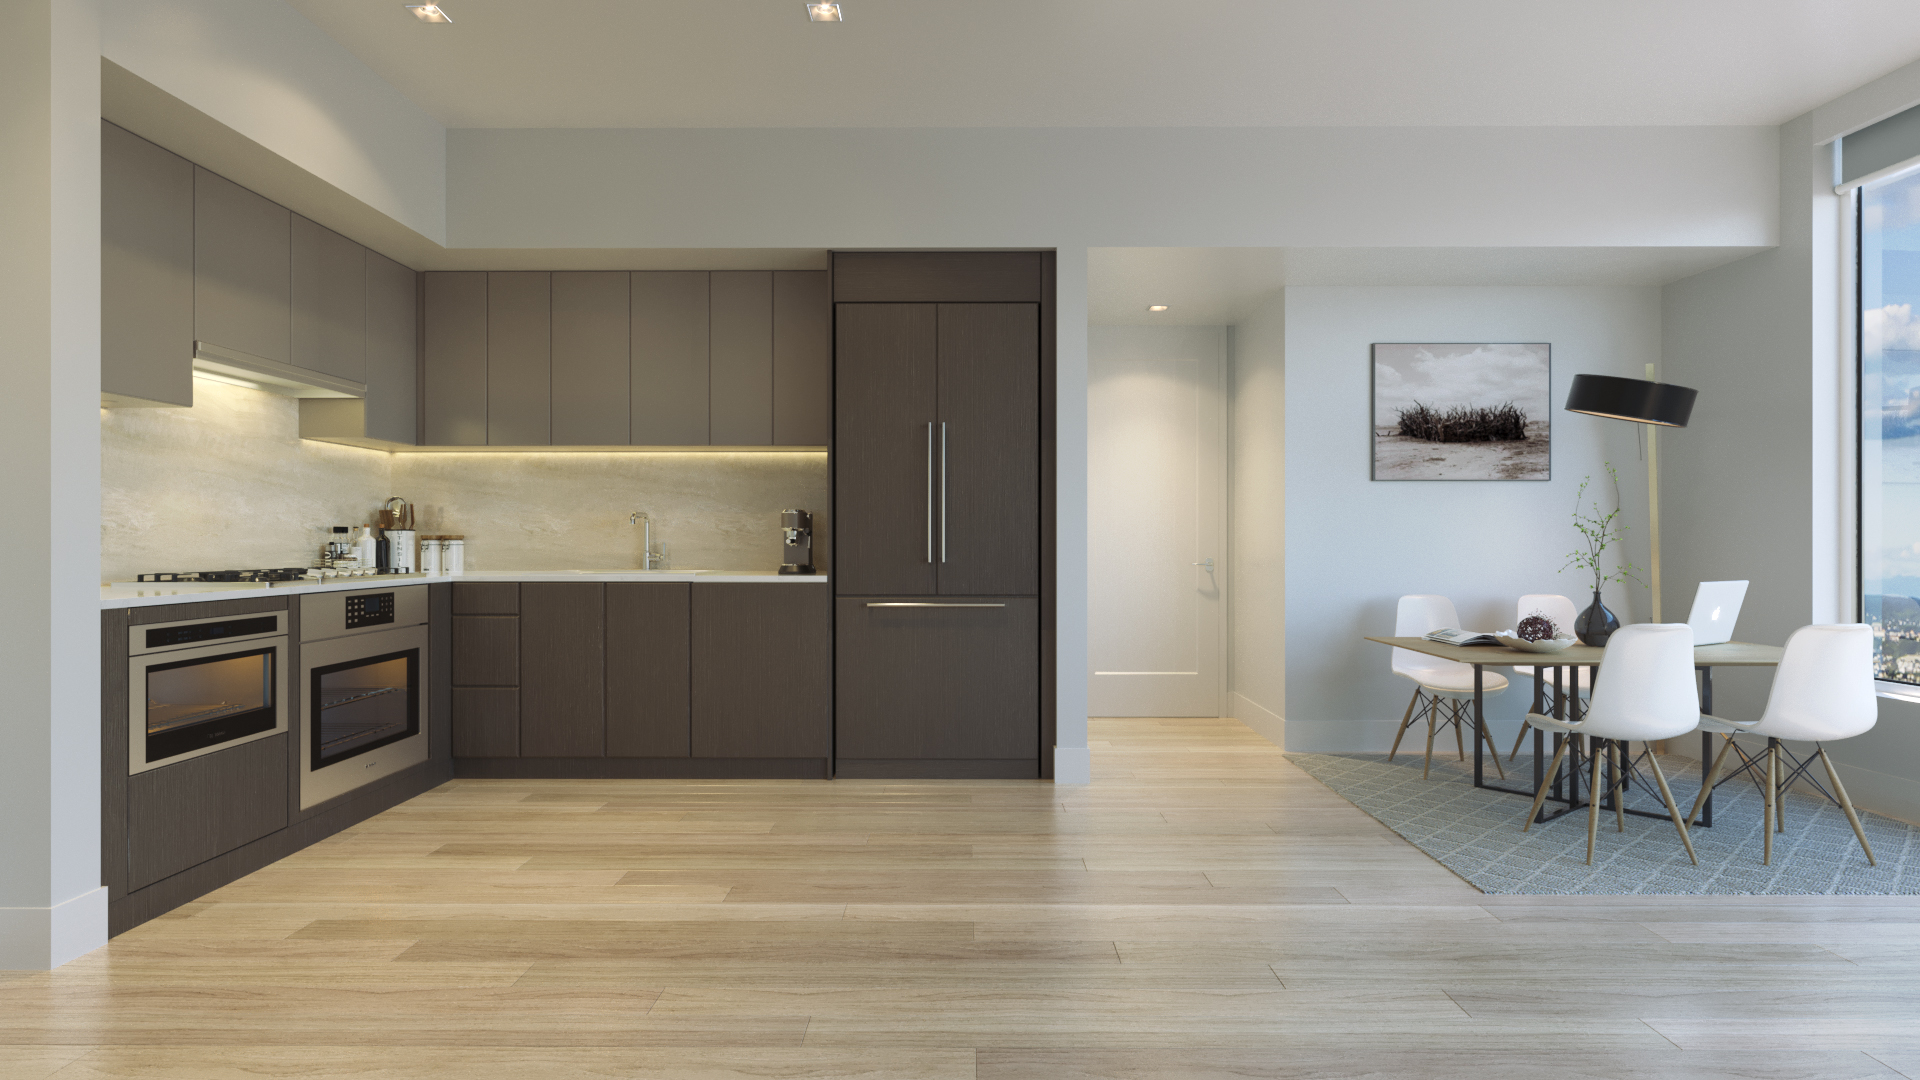 20181113_spire_Type_F_kitchen-warm FINAL.jpg